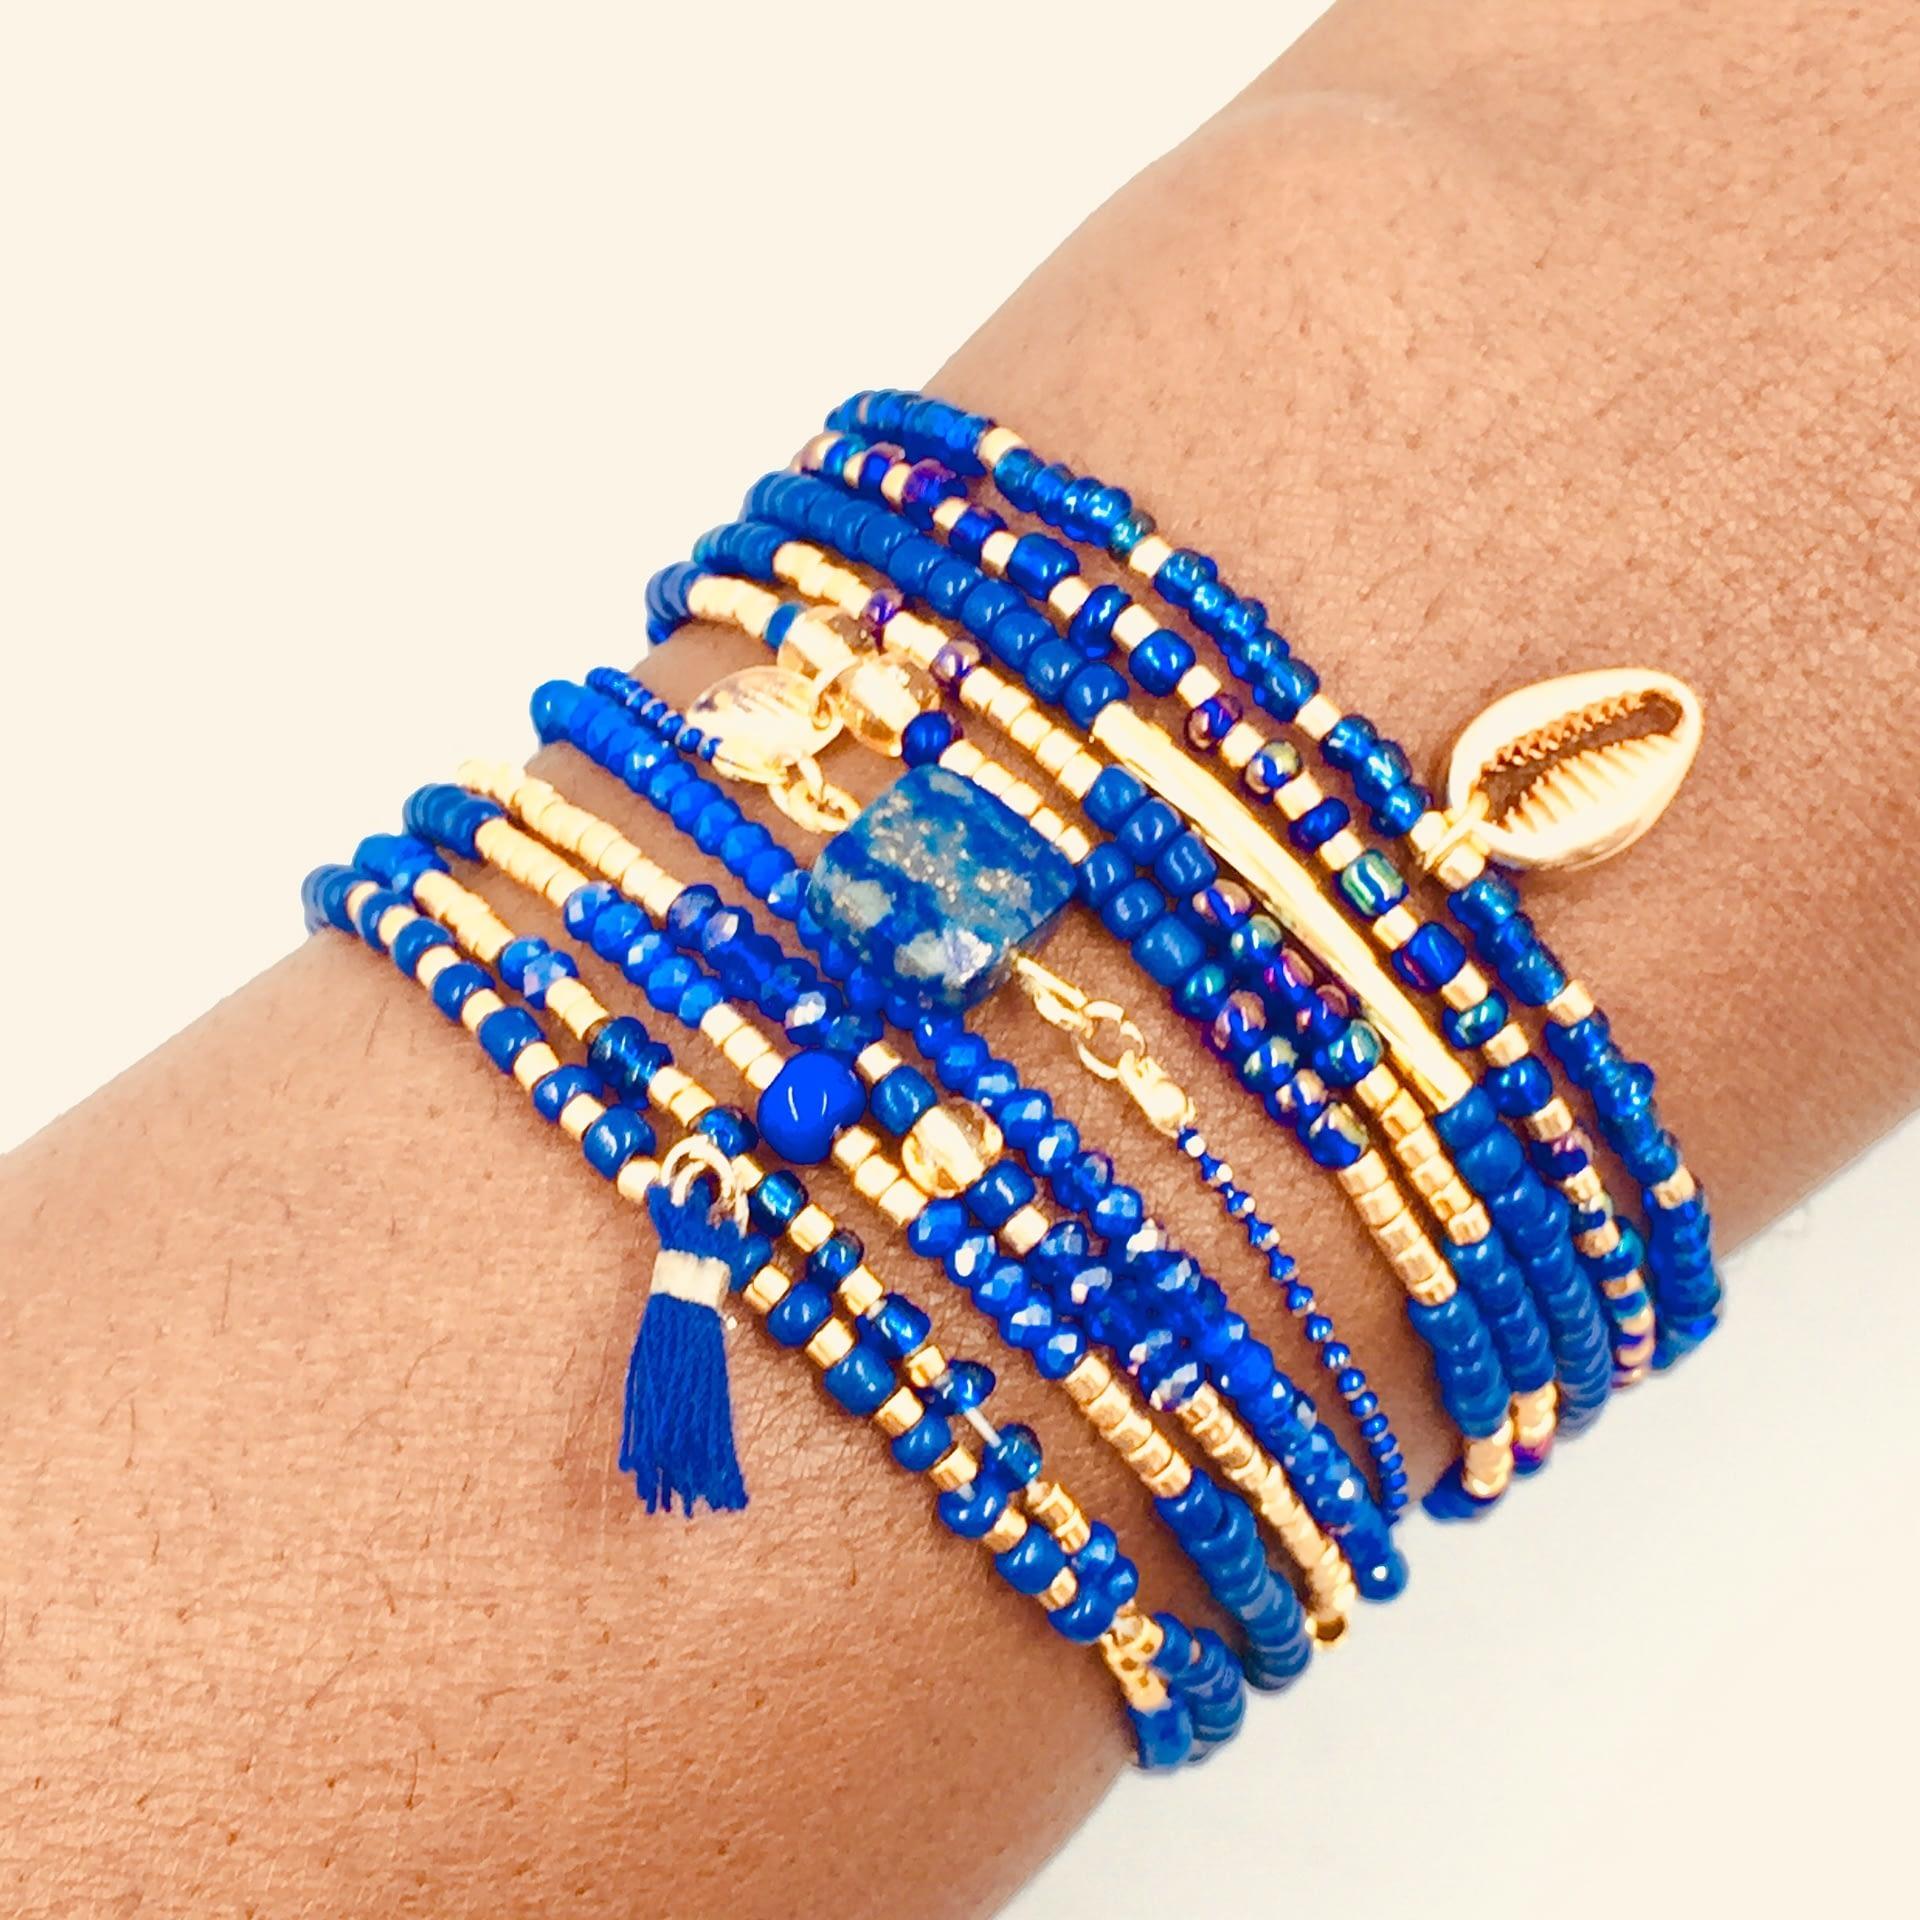 Le Bracelet élastique Mix - Bleu égyptien et or